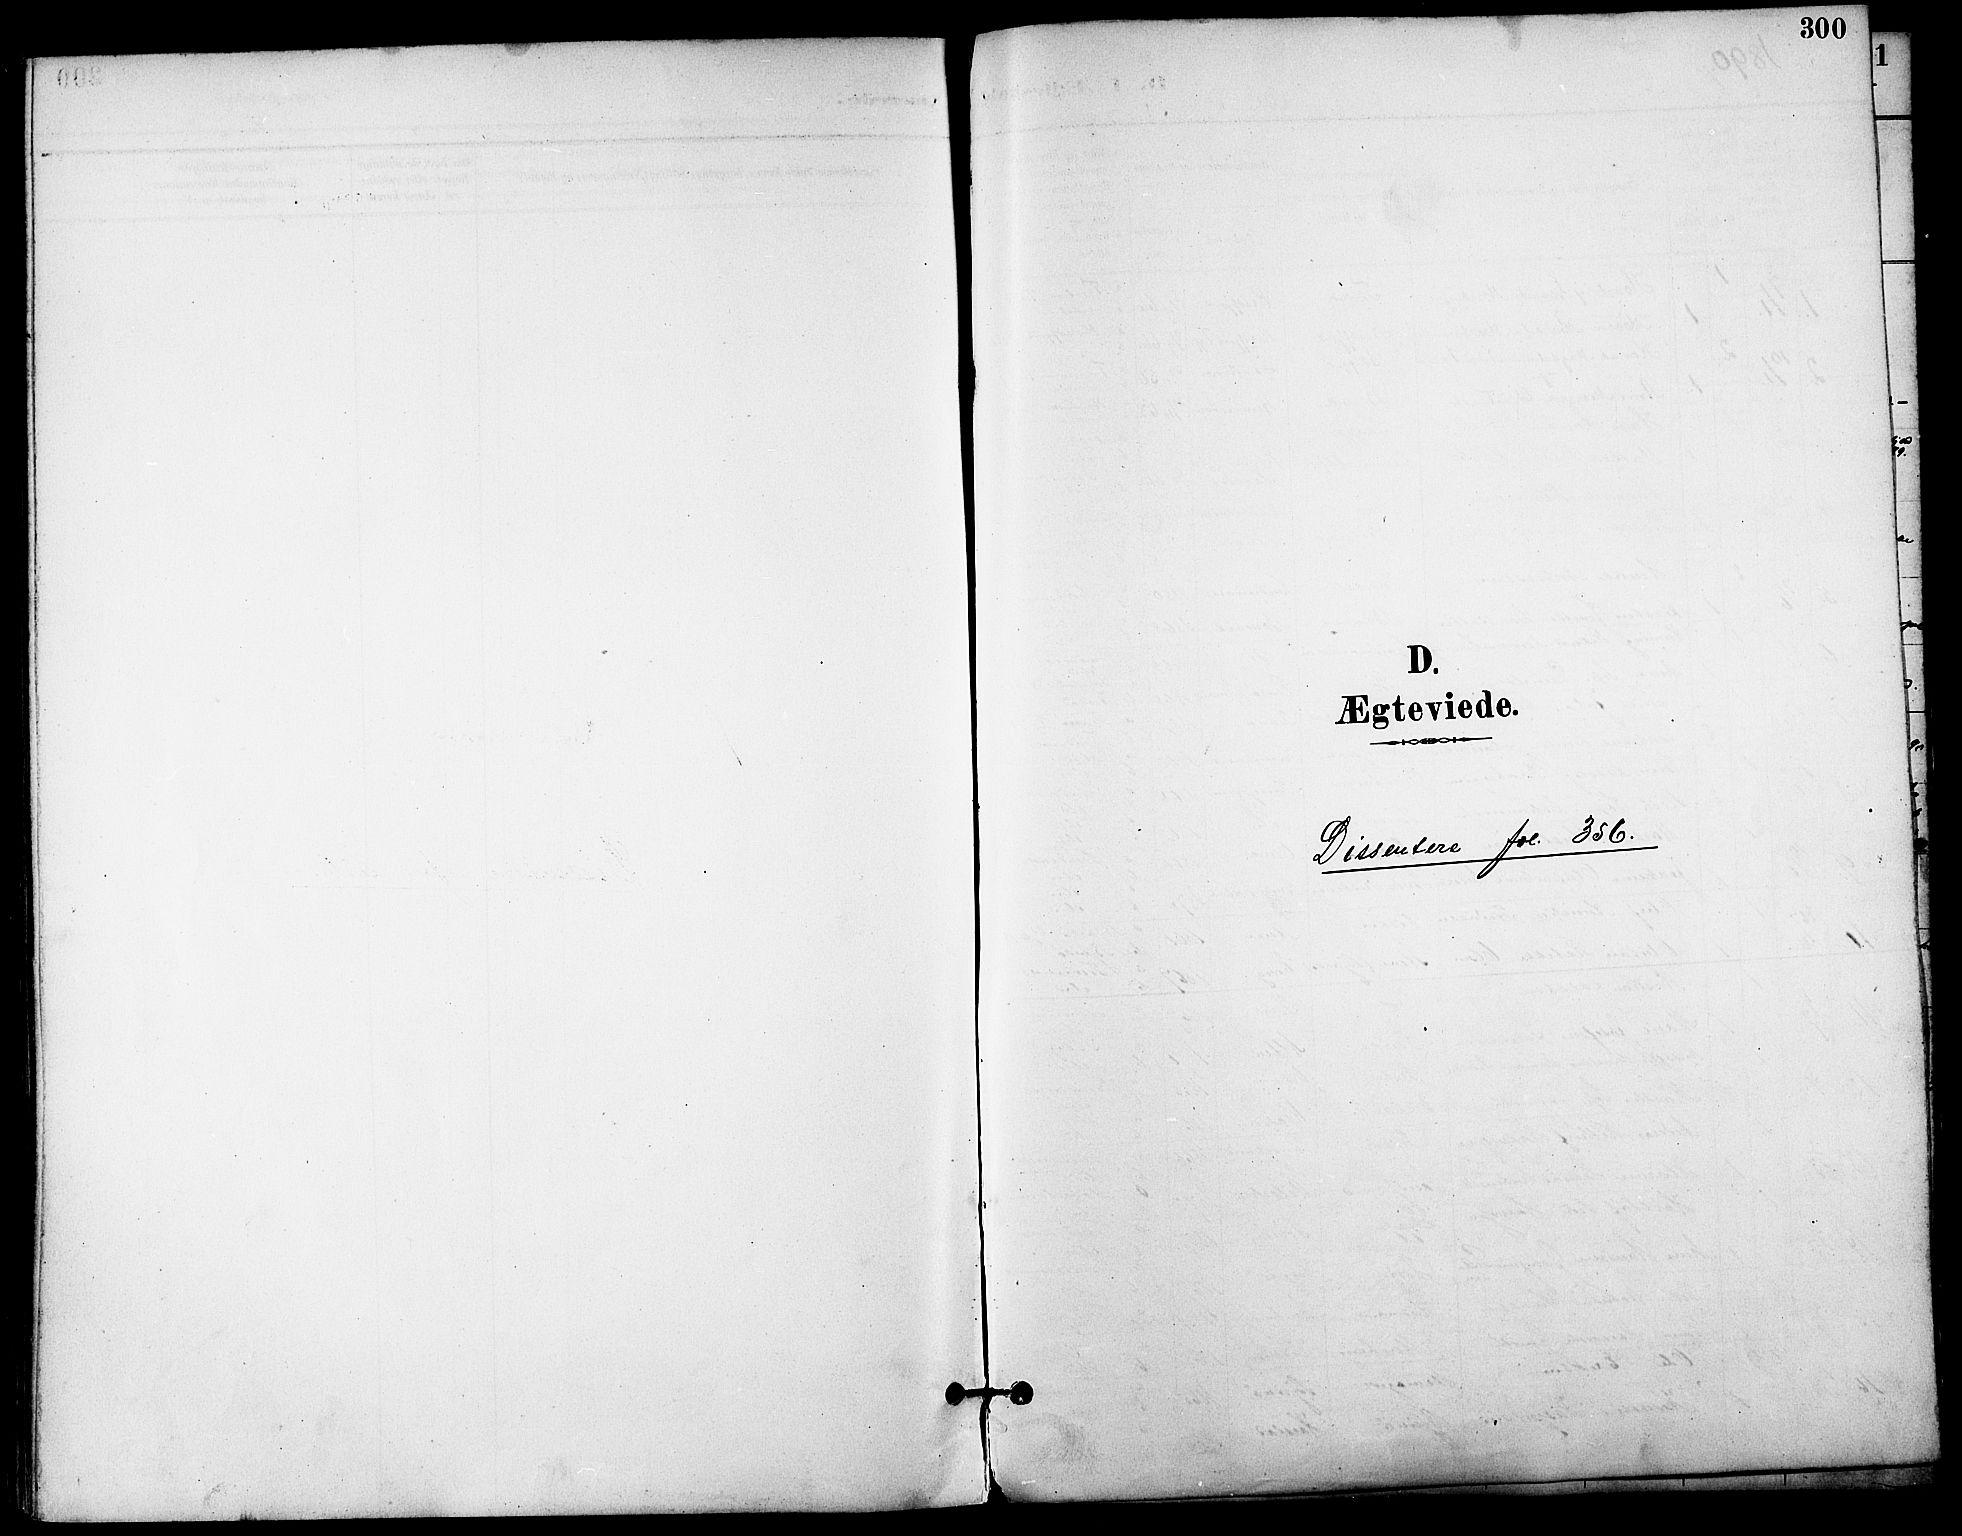 SATØ, Trondenes sokneprestkontor, H/Ha/L0016kirke: Ministerialbok nr. 16, 1890-1898, s. 300